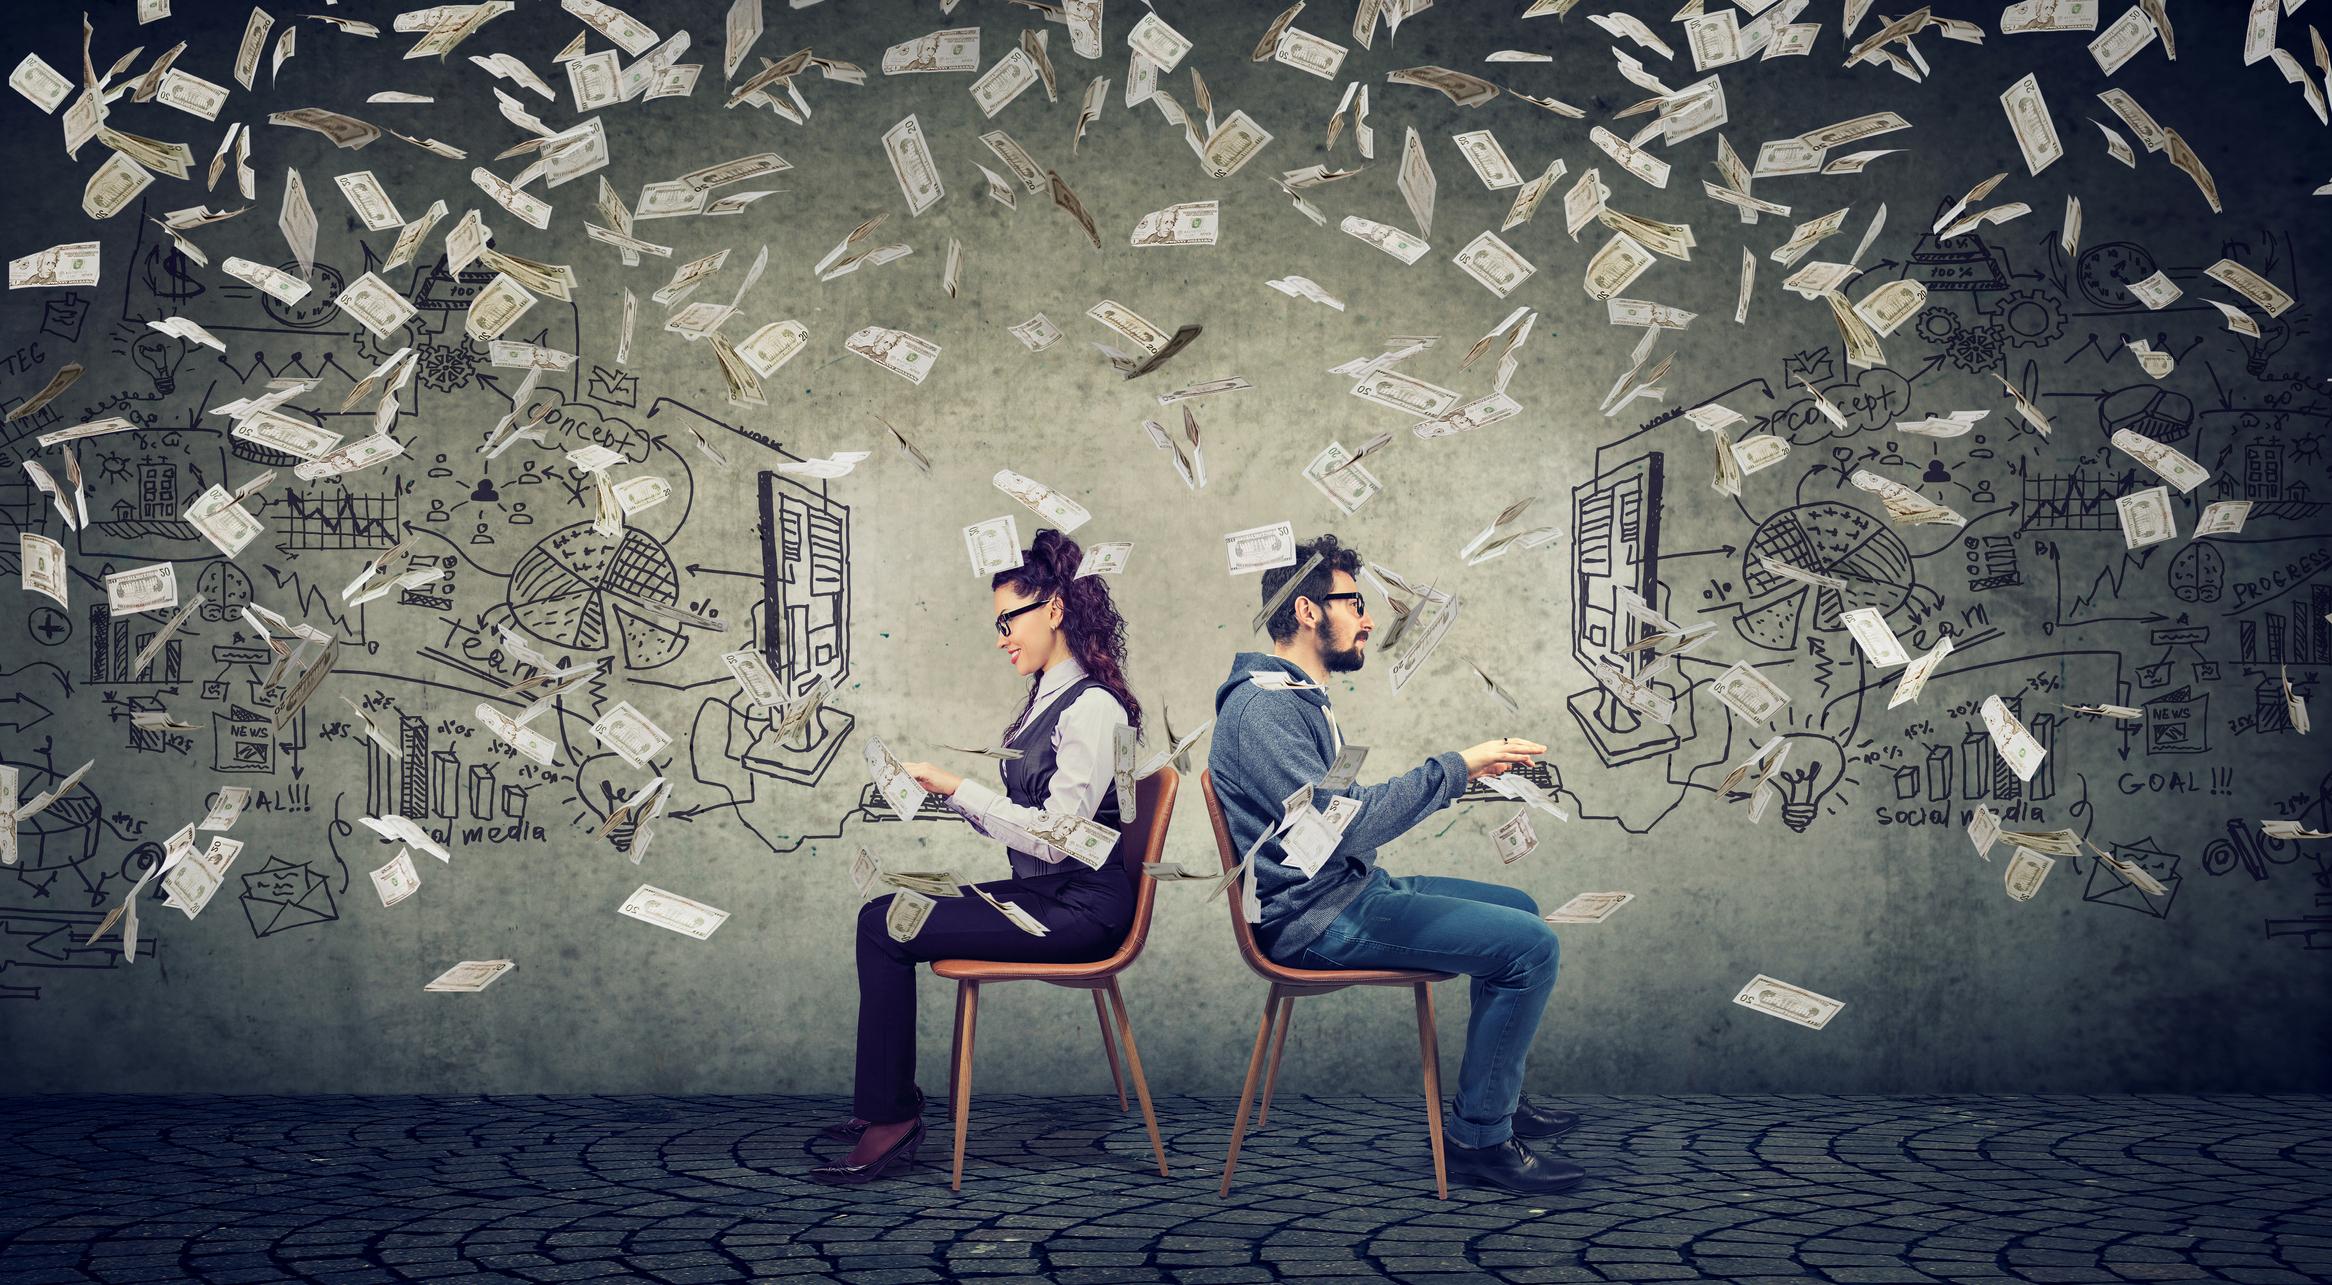 Samarbeta med företag – tjänster mot tjänster